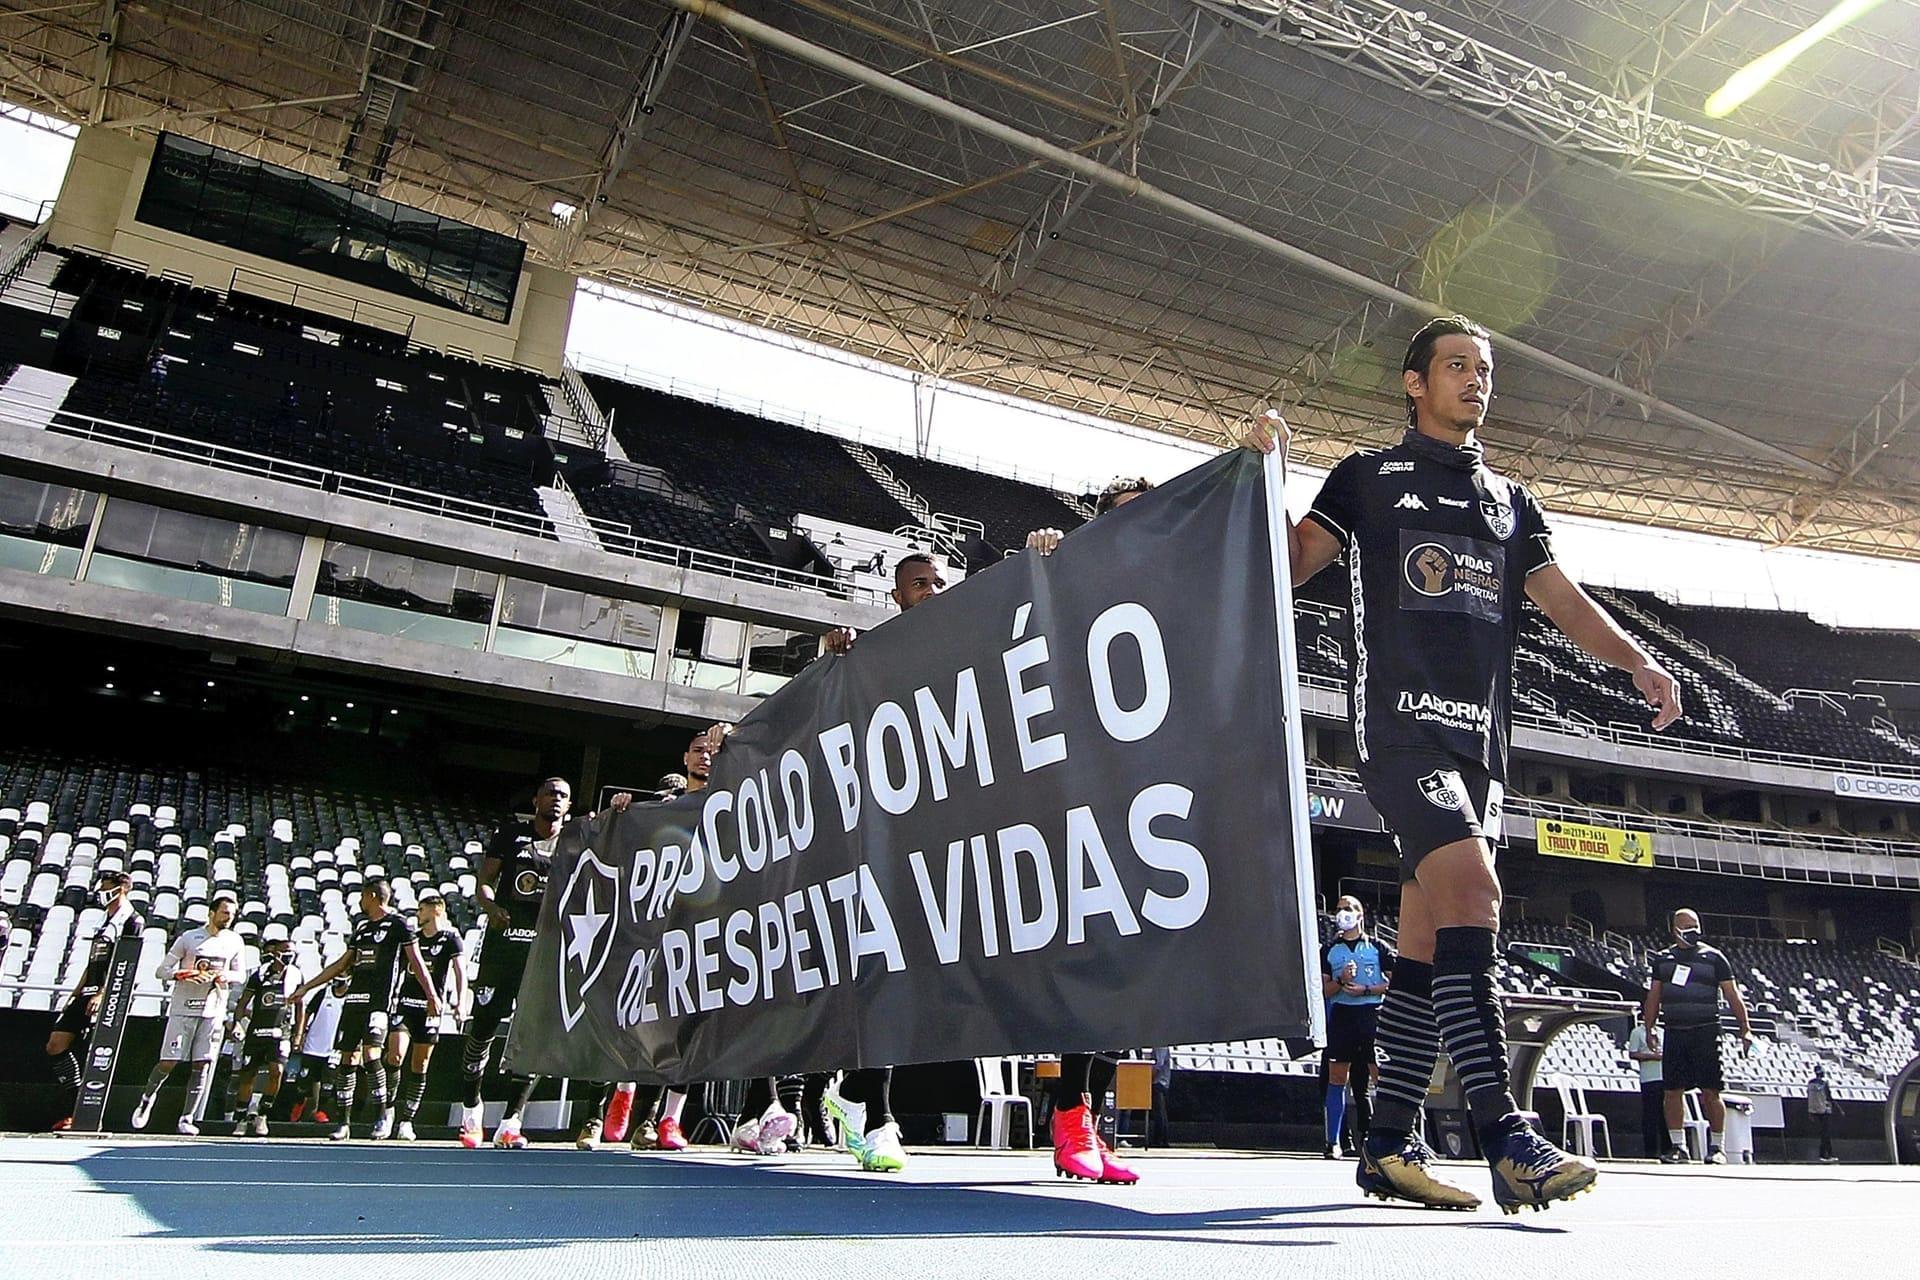 28日、リオデジャネイロのサッカースタジアムで、「人命を尊重して」と書かれた横断幕を持って歩くボタフォゴの本田圭佑選手(右)ら=Vitor SILVA、ボタフォゴ、AFP時事